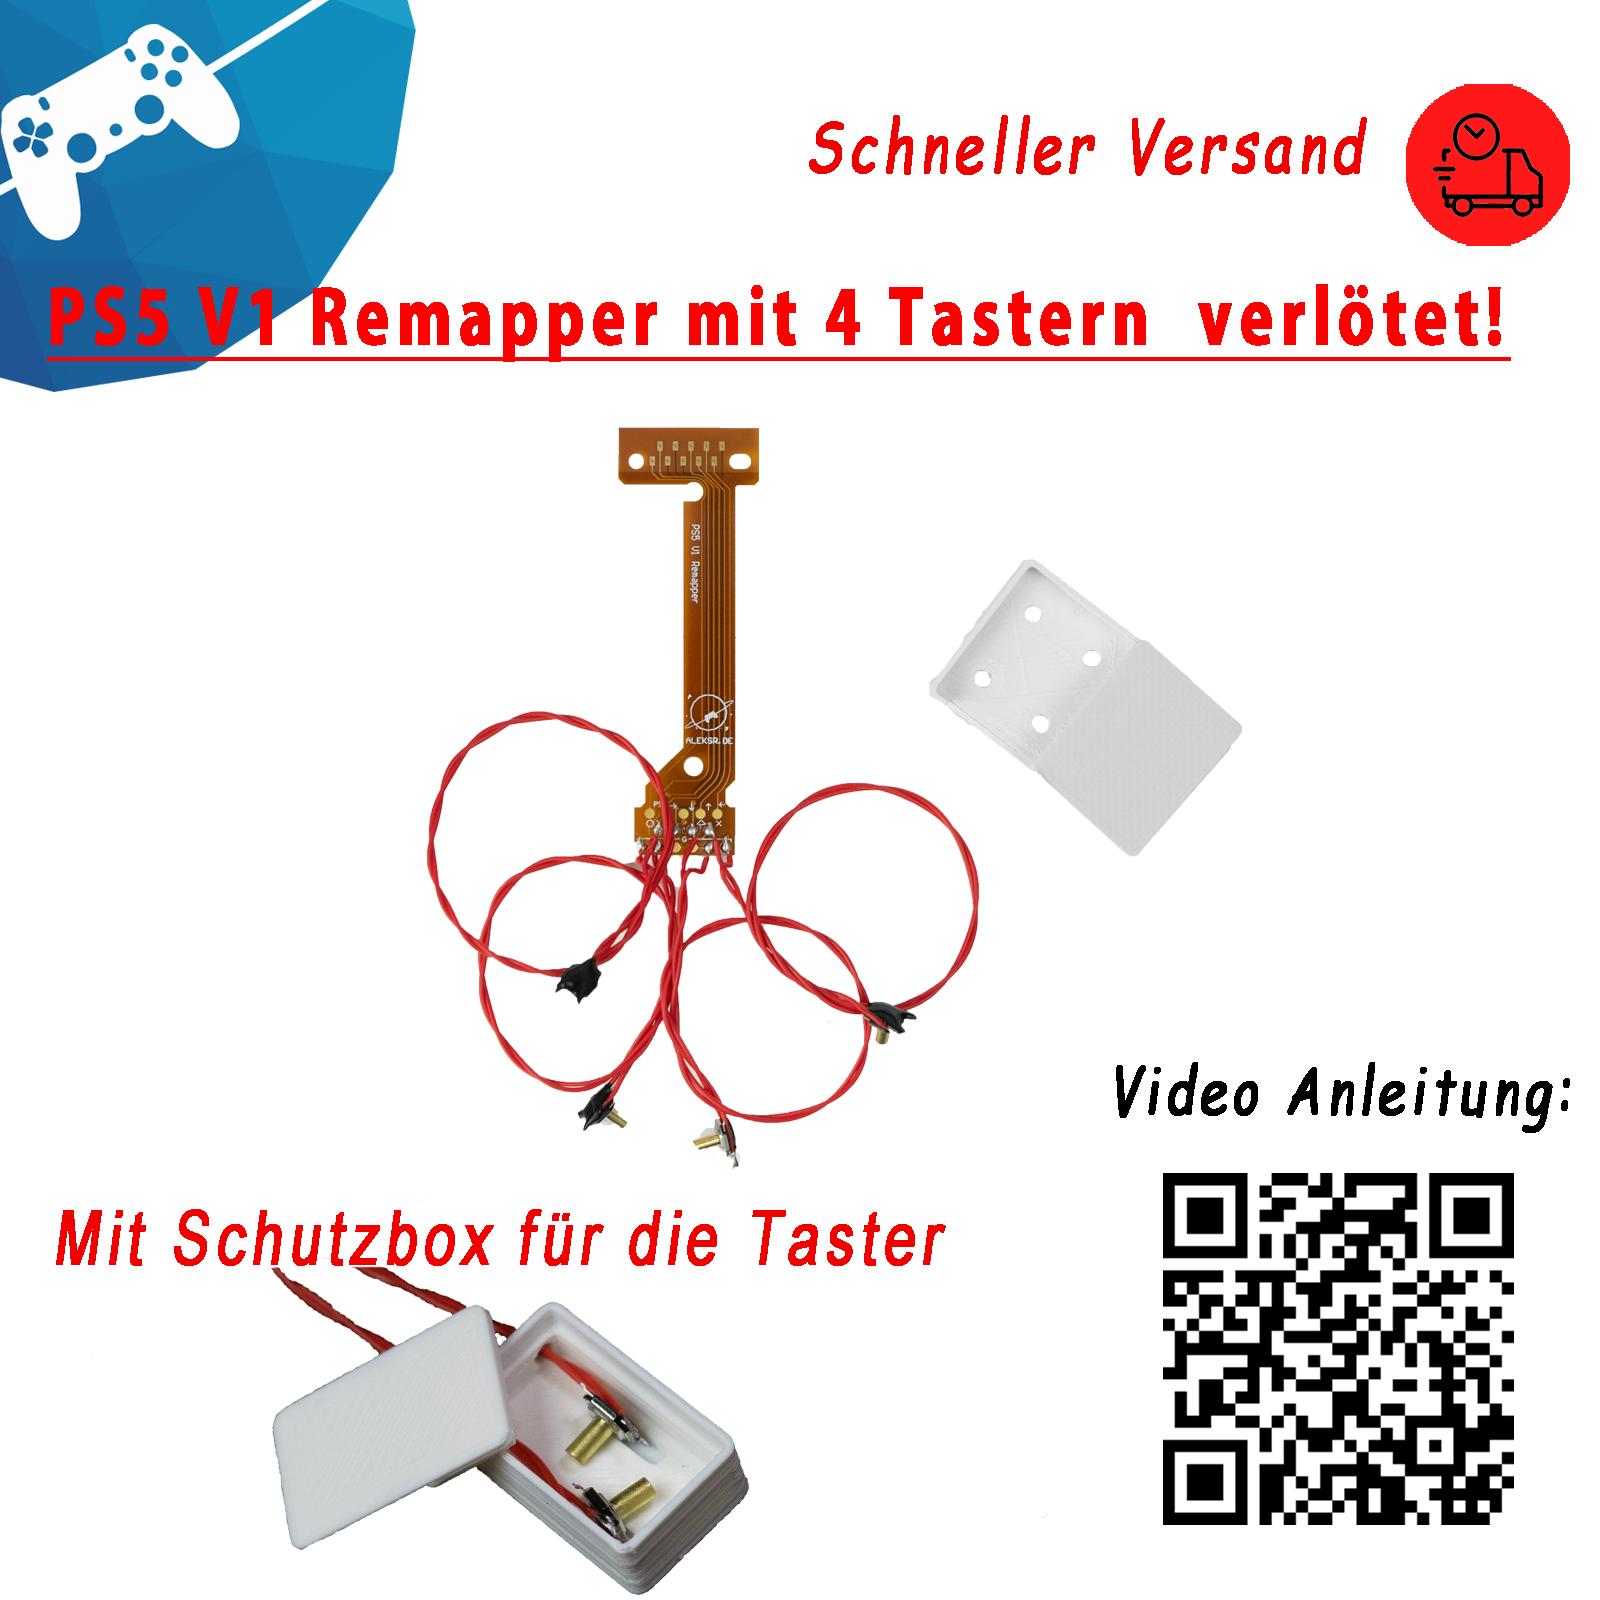 PS5 Controller 4er Easy Remapper verlötet V1 Scuf Chip BDM010 mit 4 TasternBox